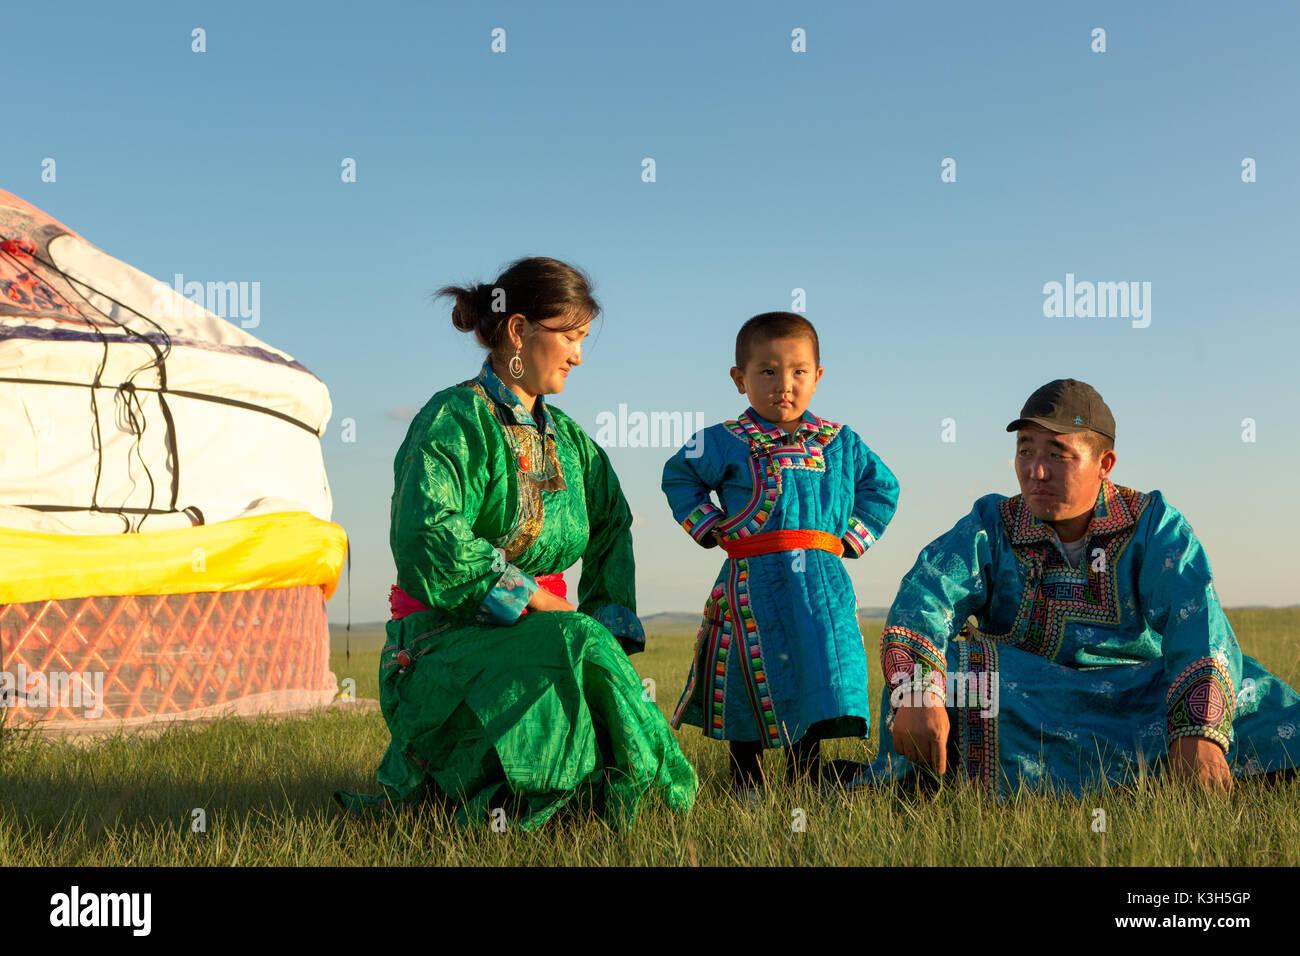 Mongolia interior, China-Julio 30, 2017: familia mongólica nómadas con sus coloridos vestidos tradicionales cerca de su yurt en inmensas praderas del país Imagen De Stock